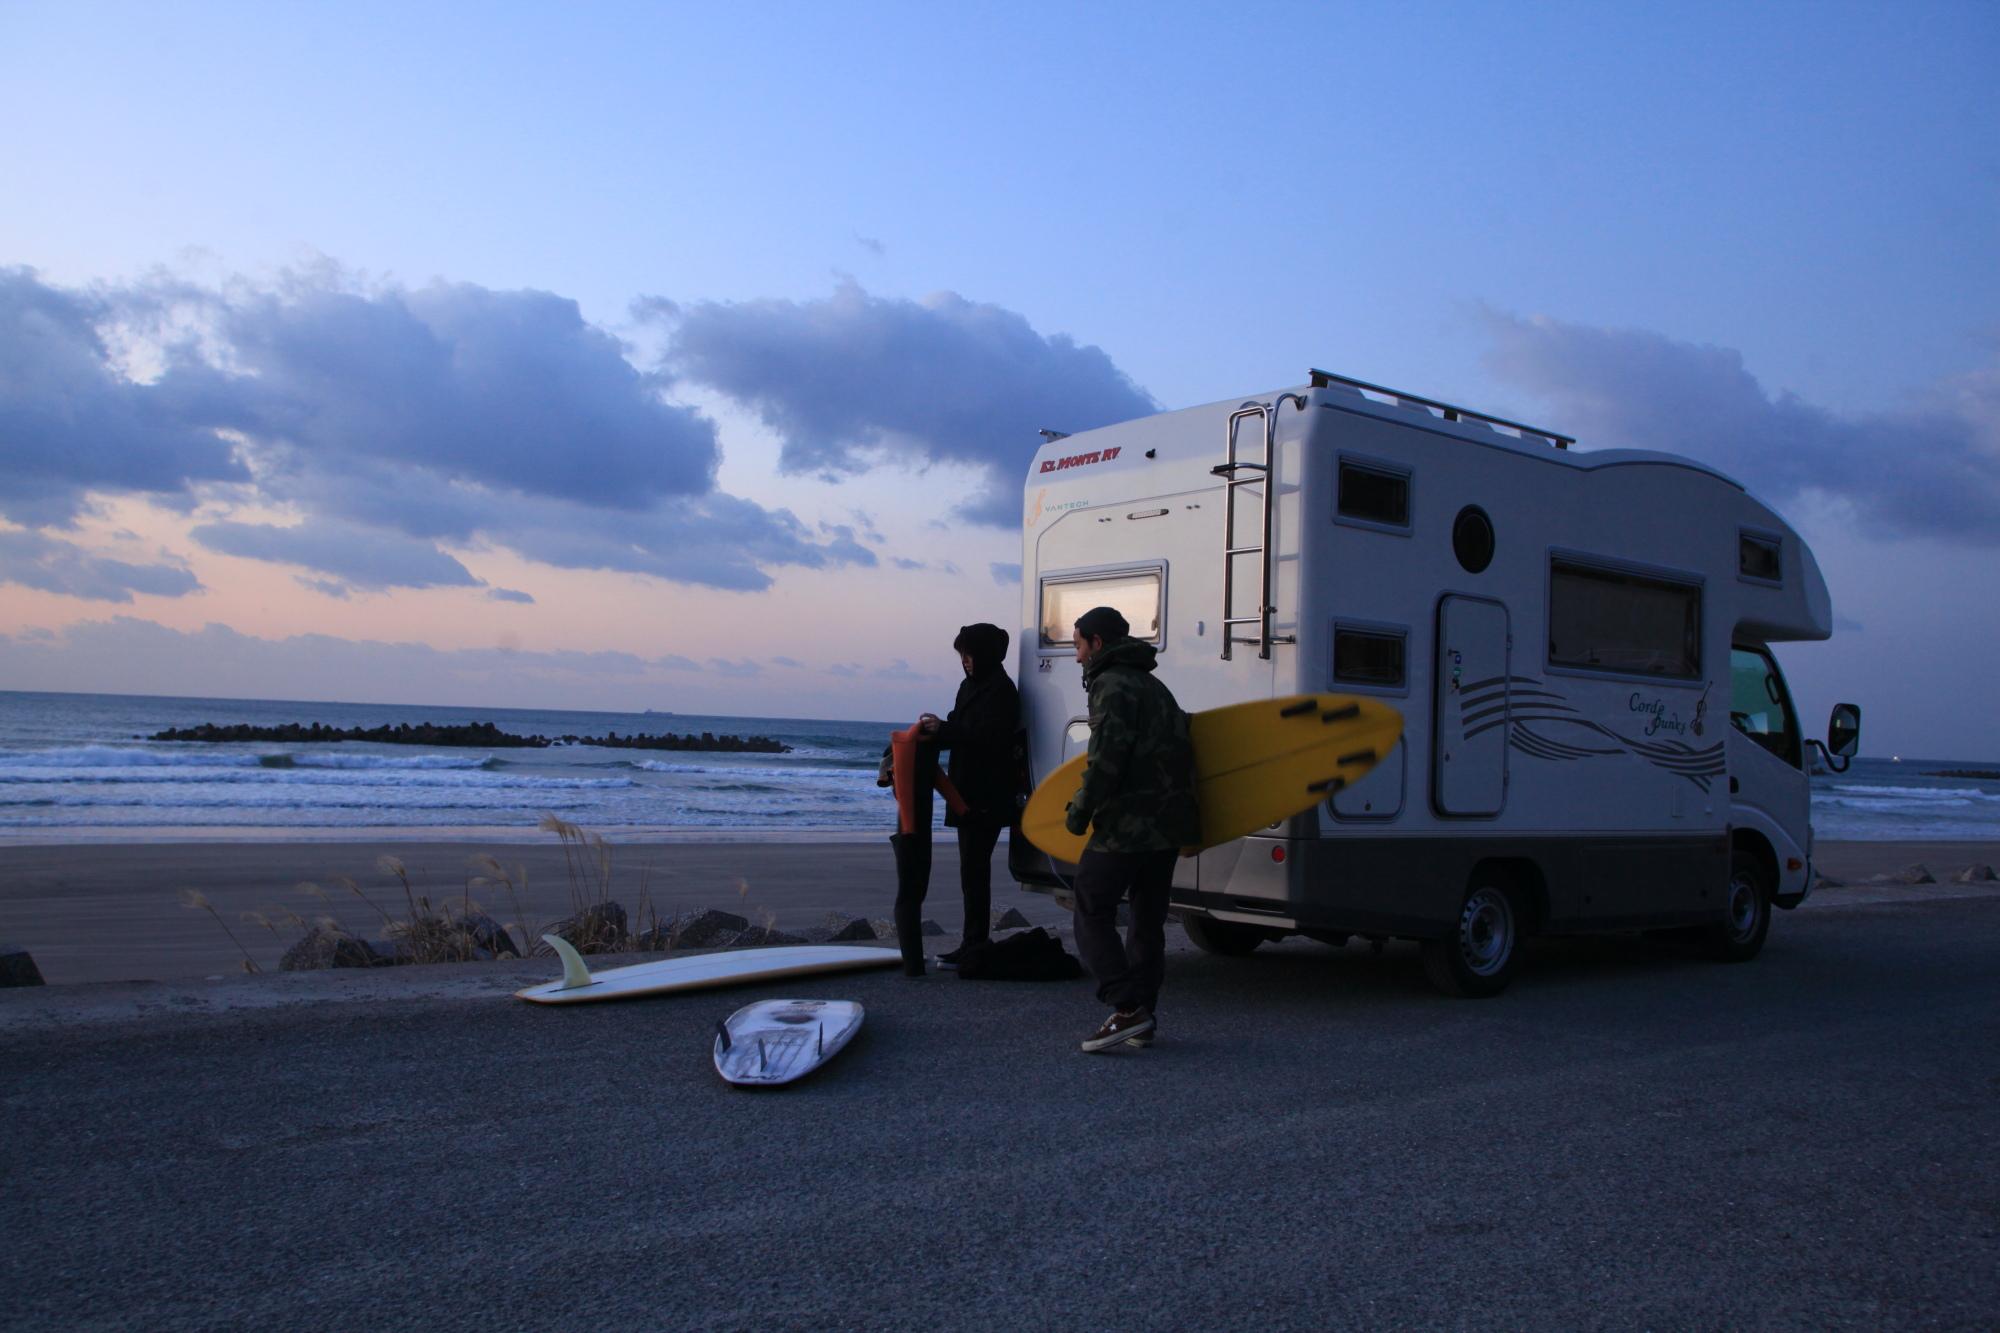 宿泊場所に移動する必要がないので、他のサーファーより遅い時間まで波に乗り、とことん海を楽しむ事ができました。サーフィンで遠征を考えている方は、キャンピングカーのご利用を考えてみてはいかがでしょうか?